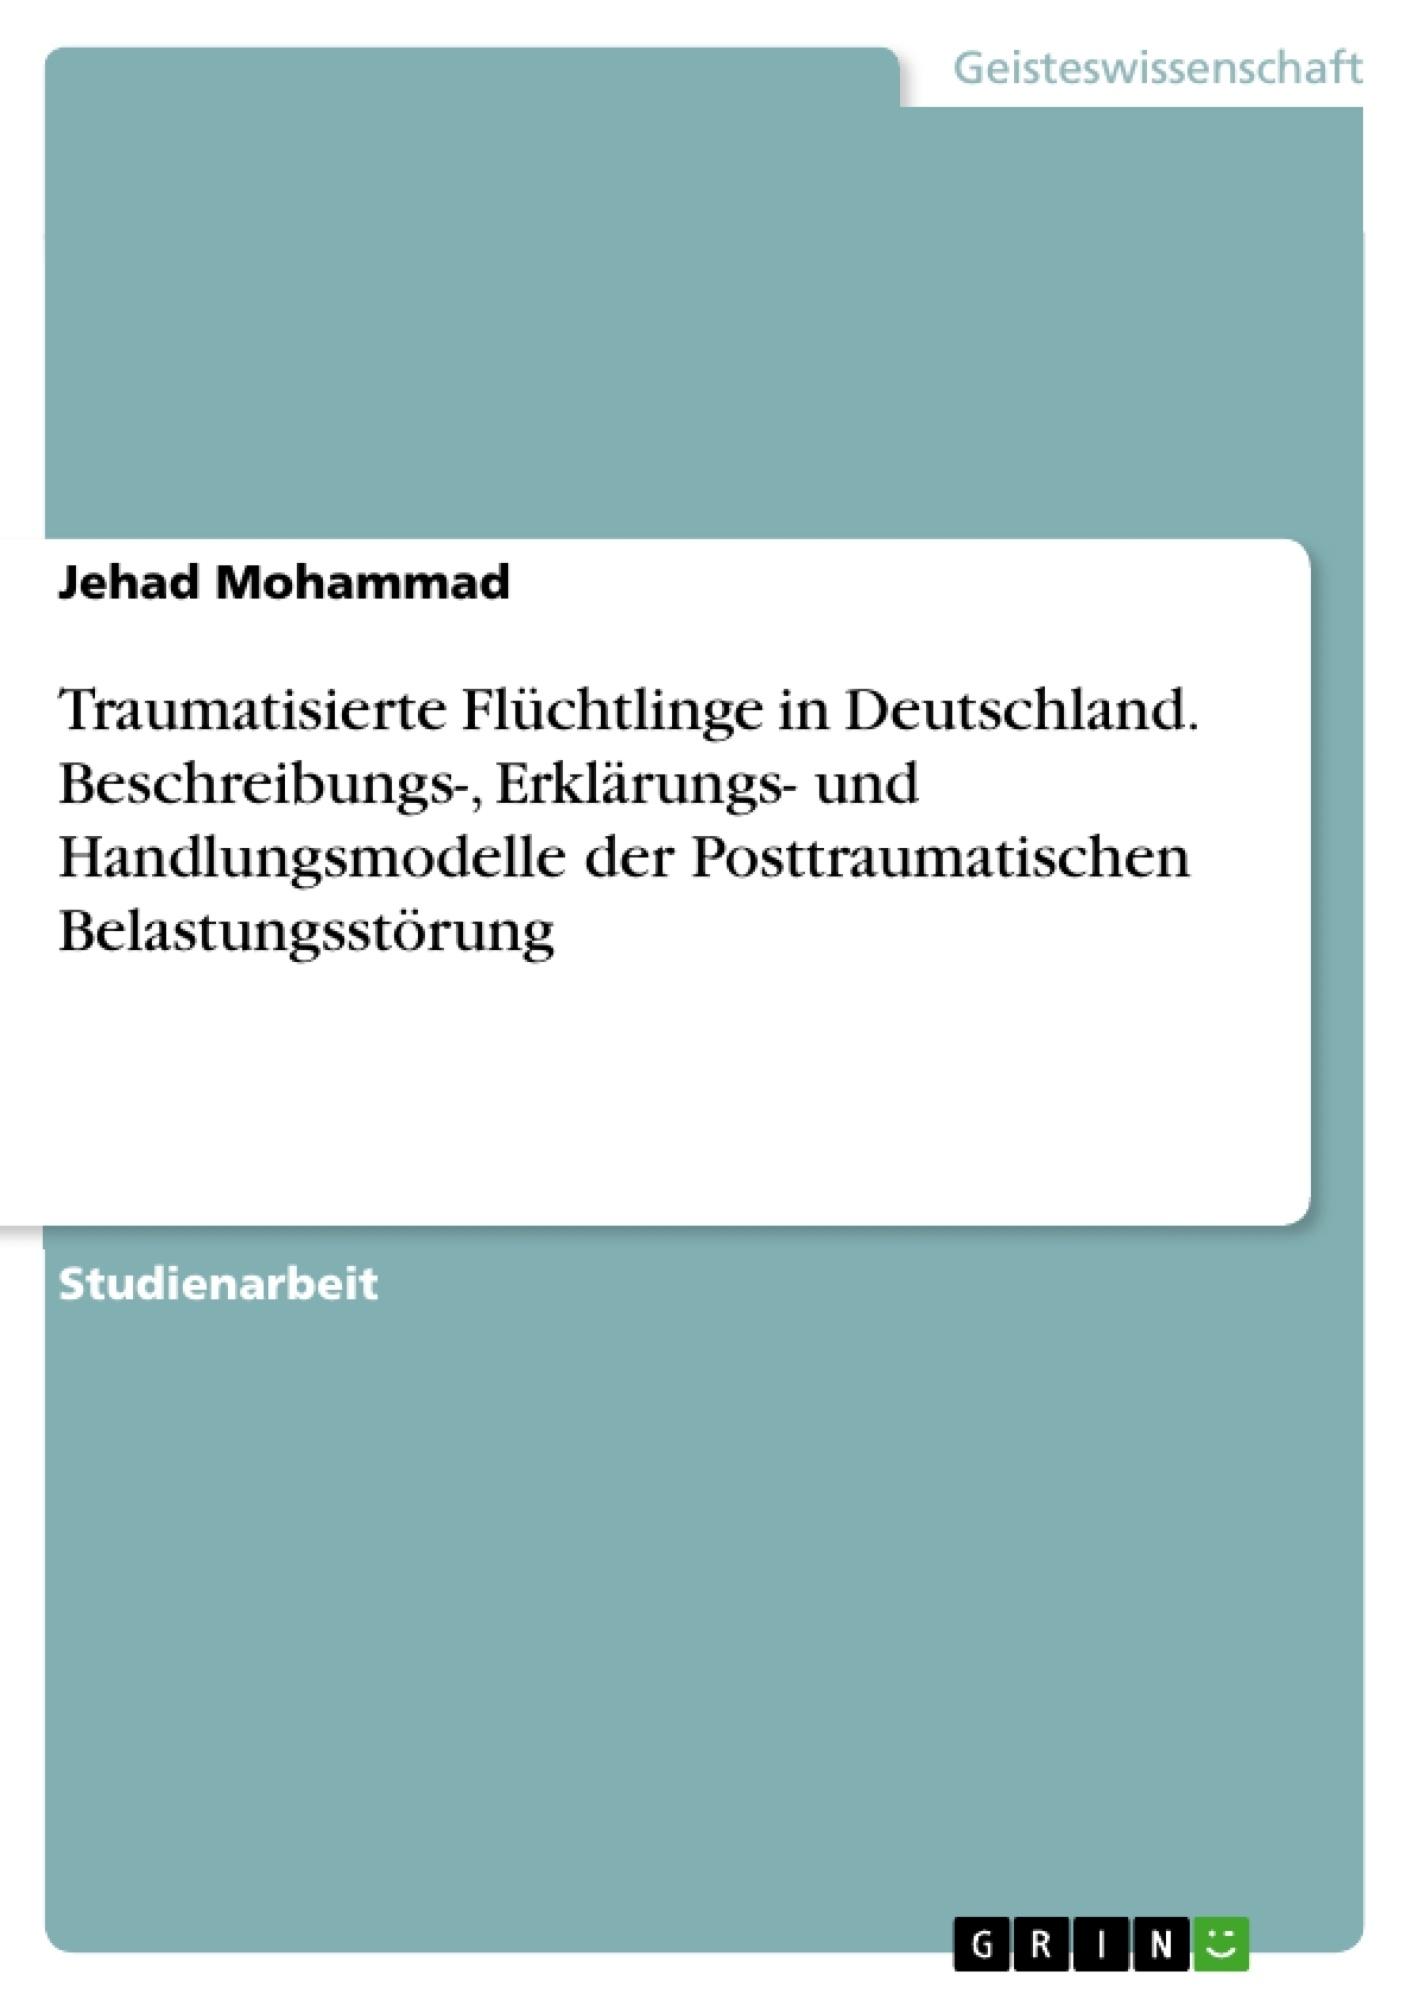 Titel: Traumatisierte Flüchtlinge in Deutschland. Beschreibungs-, Erklärungs- und Handlungsmodelle der Posttraumatischen Belastungsstörung